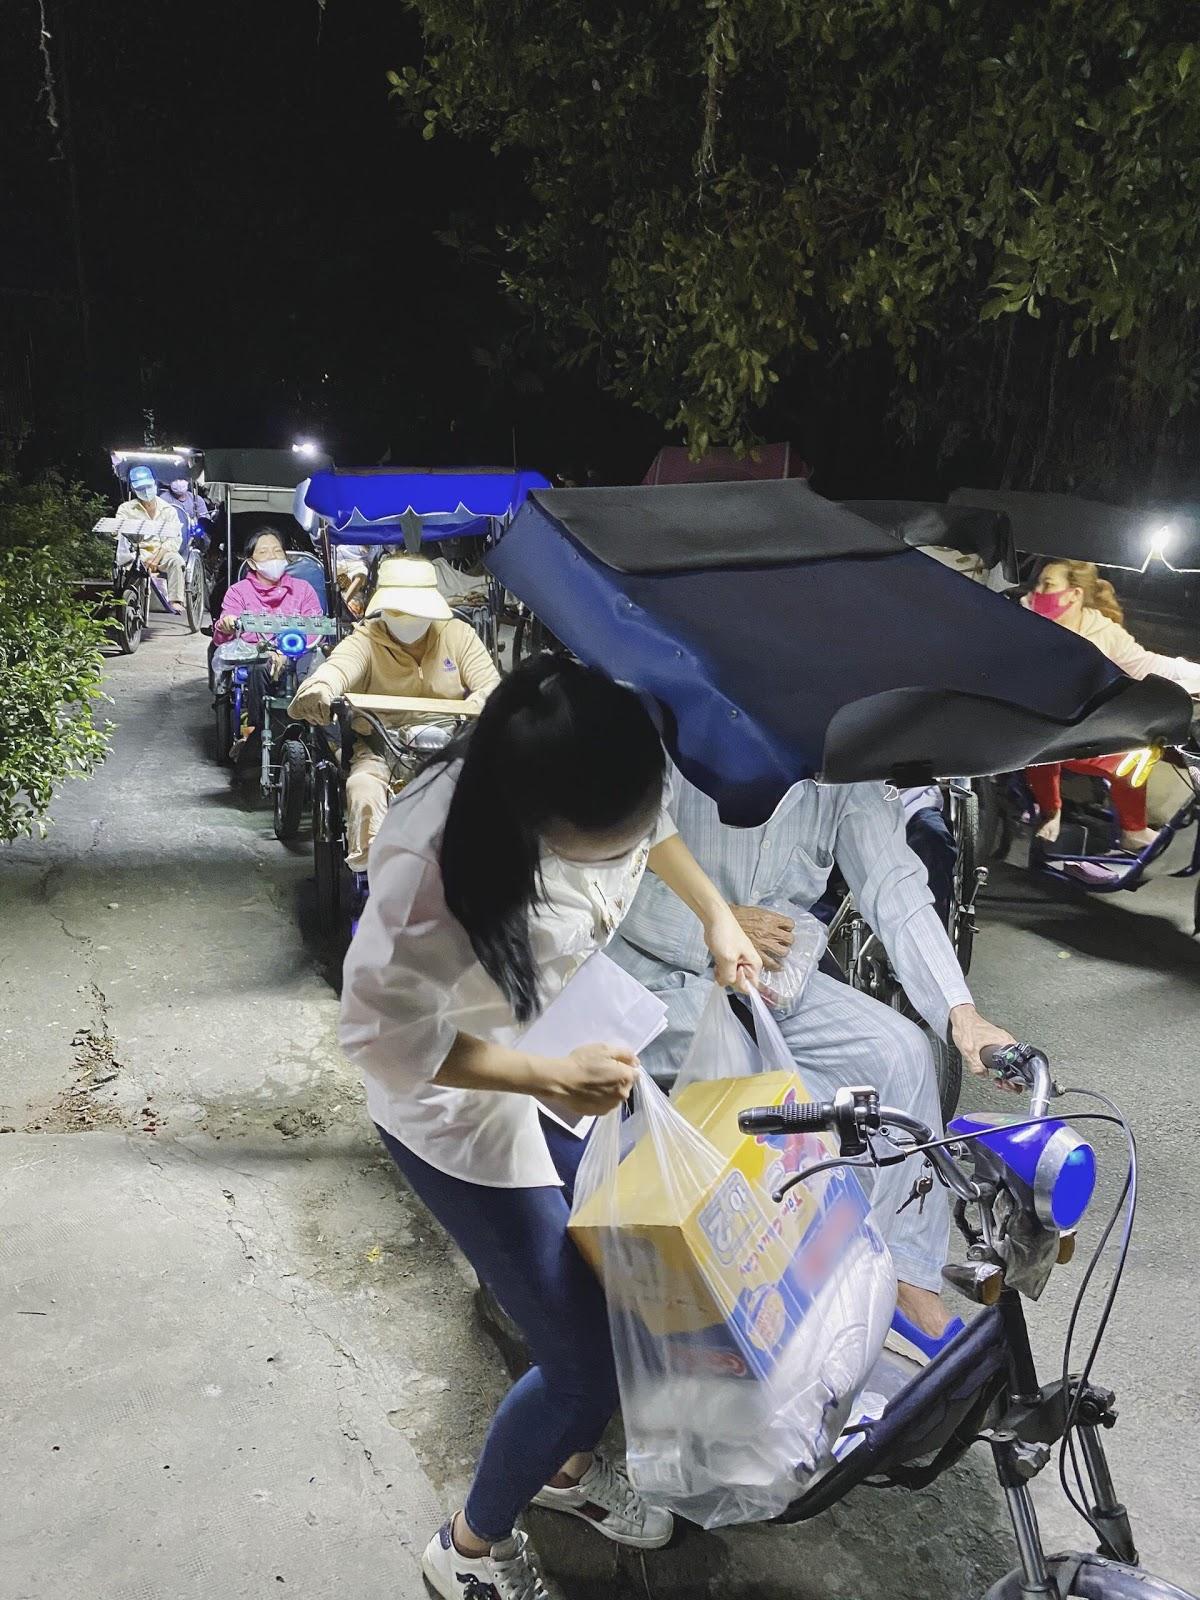 Á hậu Kim Duyên ủng hộ 1 tấn gạo giúp người khiếm thị Tây Ninh - Hình 6